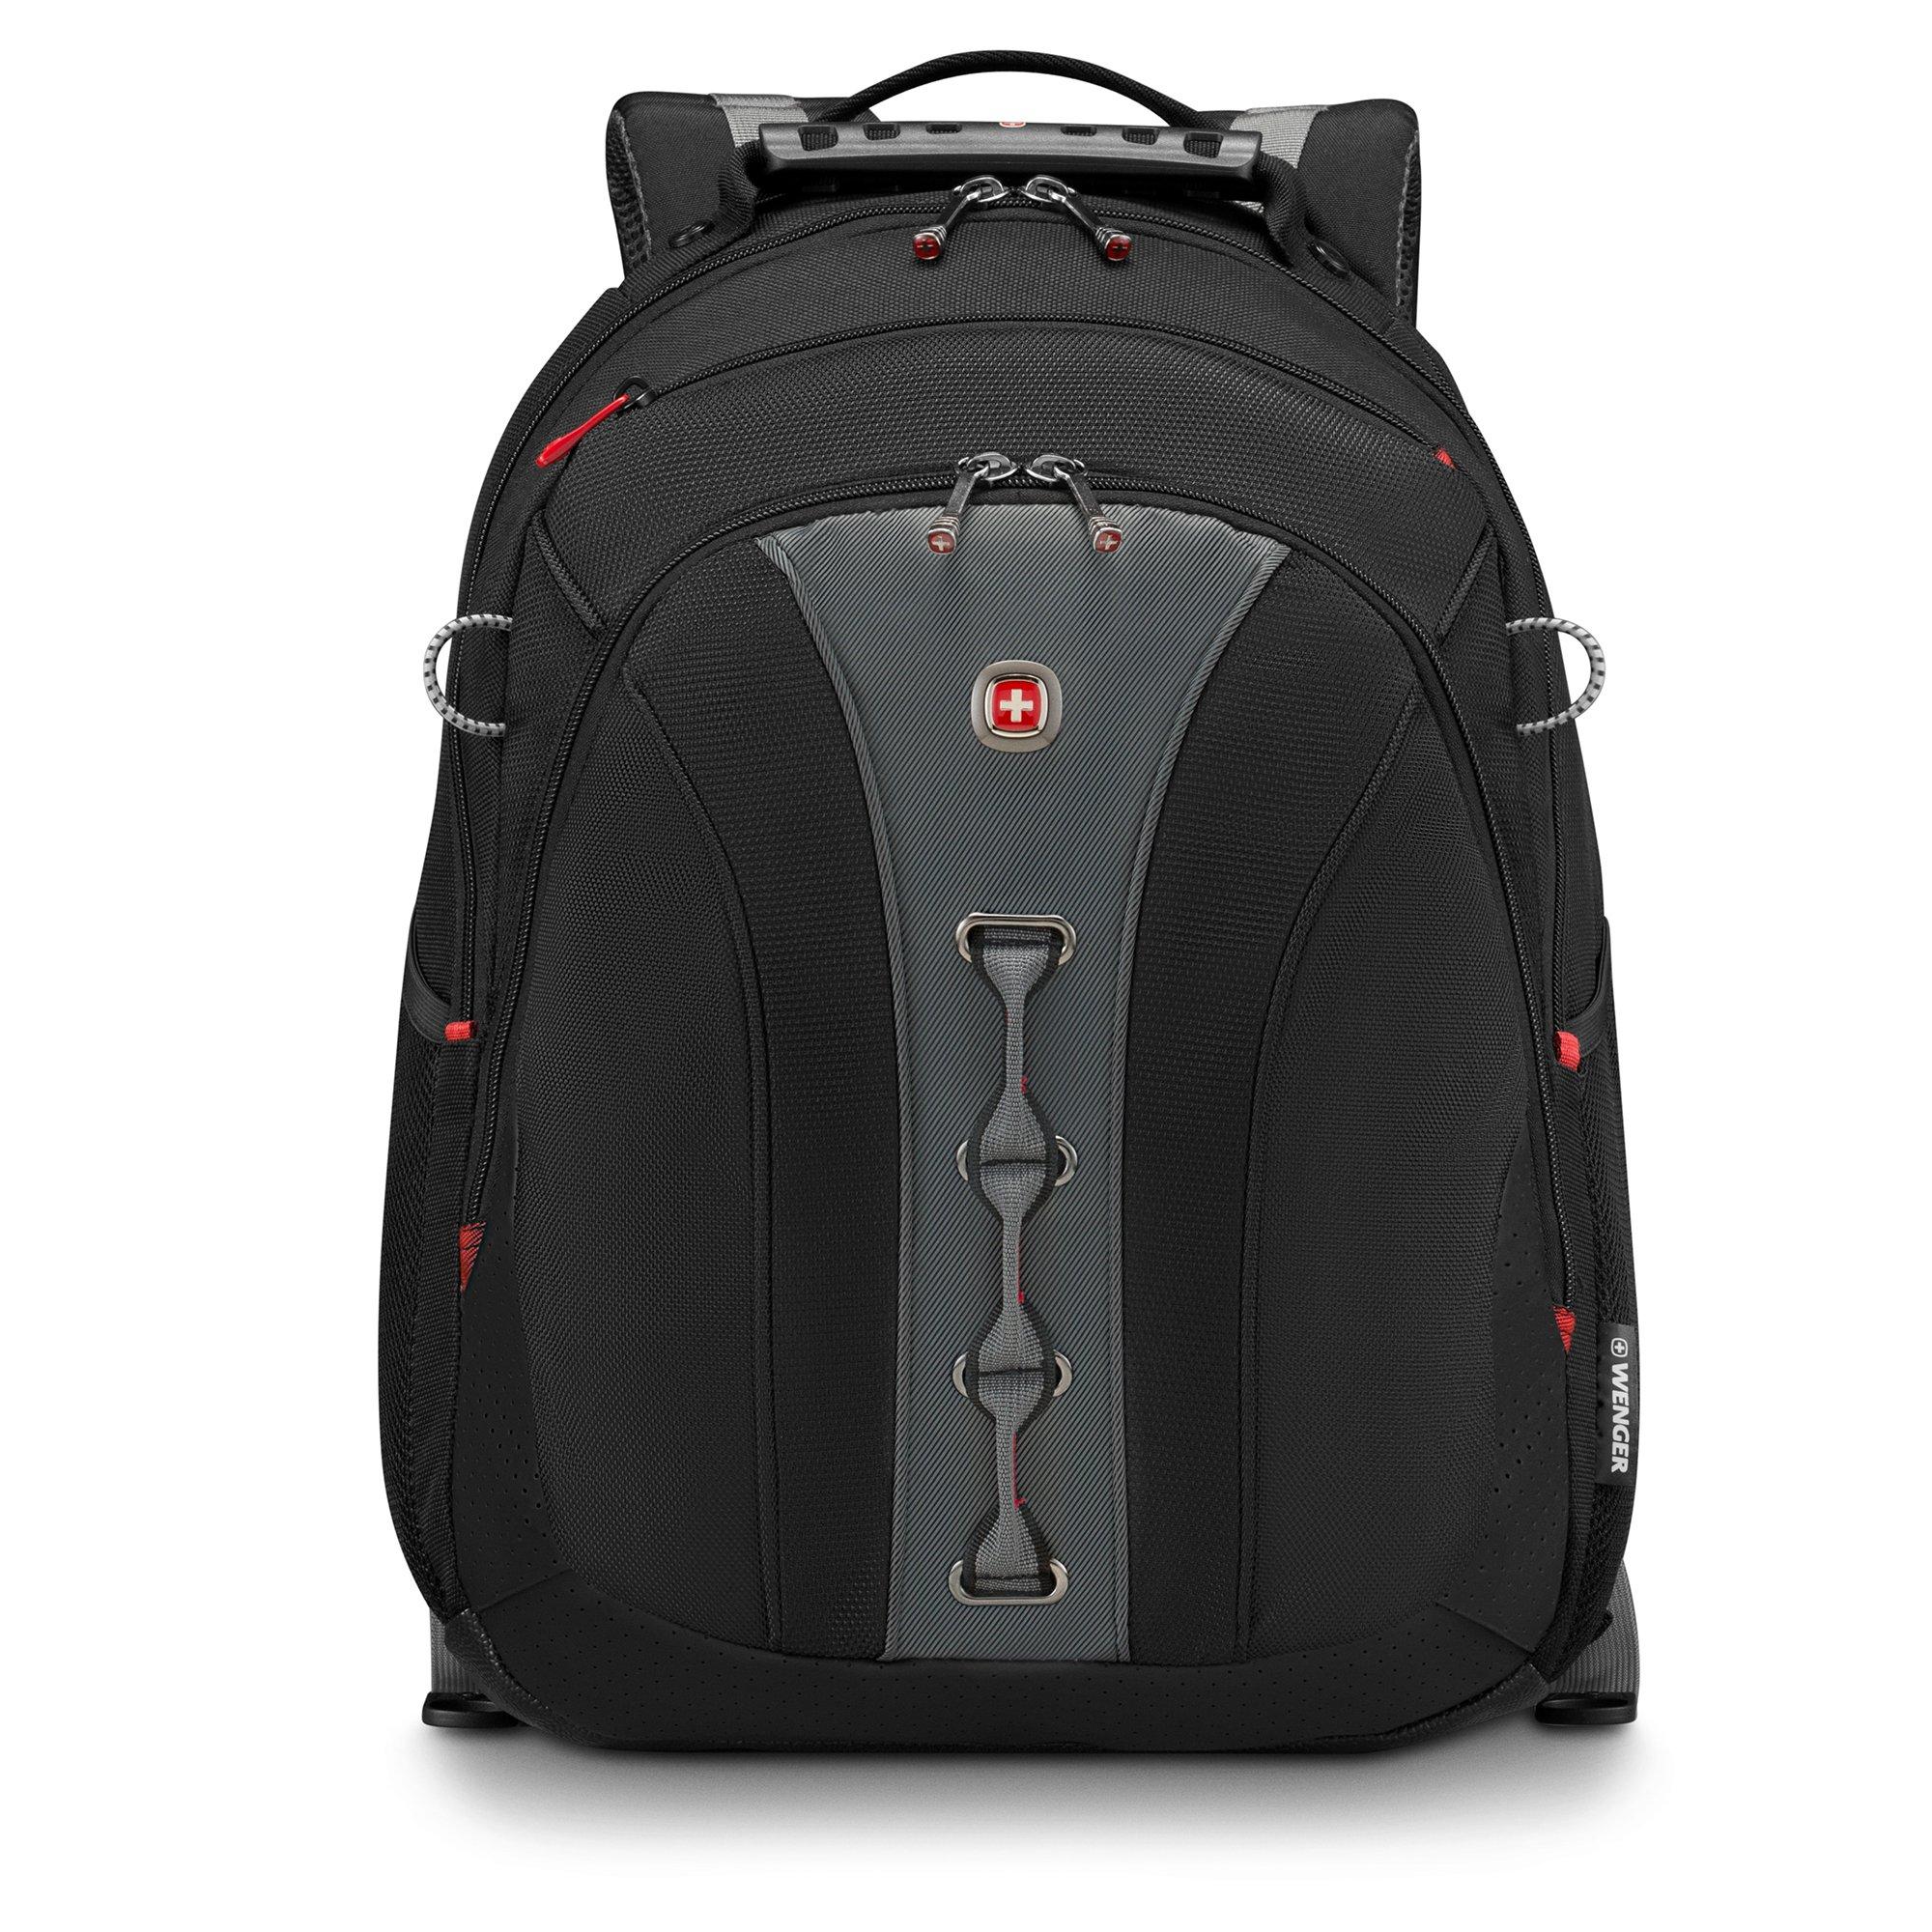 Nuovi Prodotti 90b78 bbd3d I piu votati nella categoria Zaini per PC portatili ...